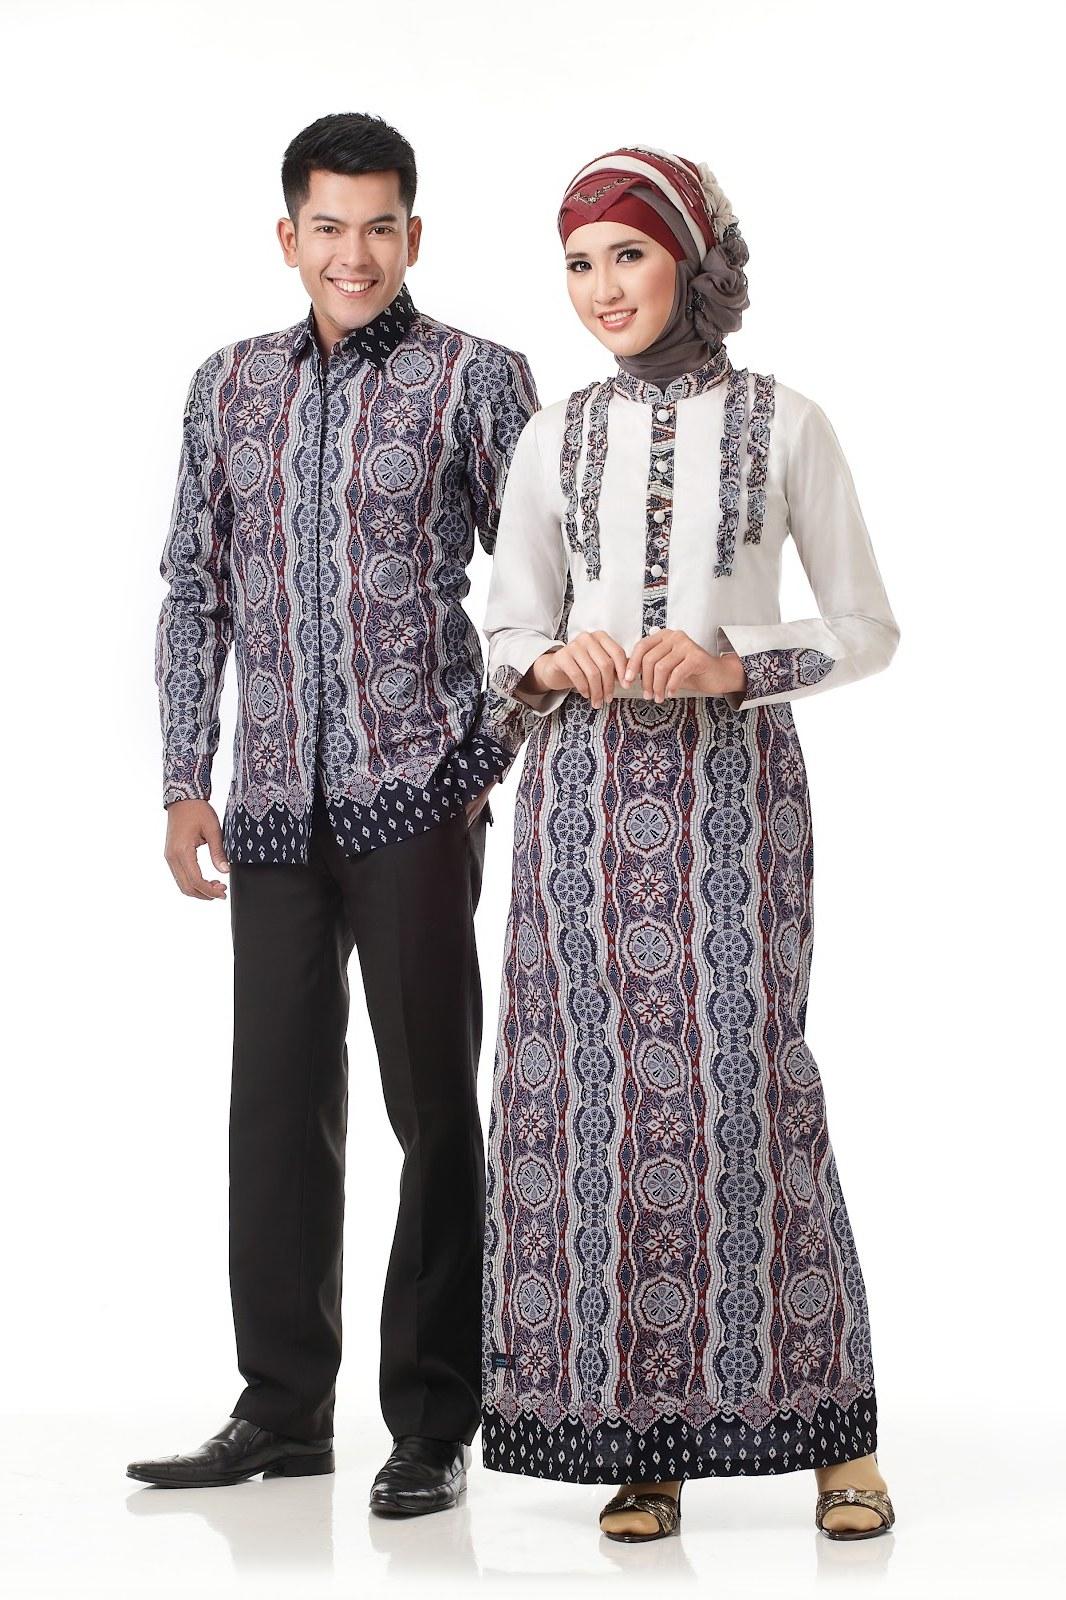 Inspirasi Baju Lebaran Batik E6d5 Kumpulan Model Baju Batik Lebaran 2013 Terbaru Terpercaya